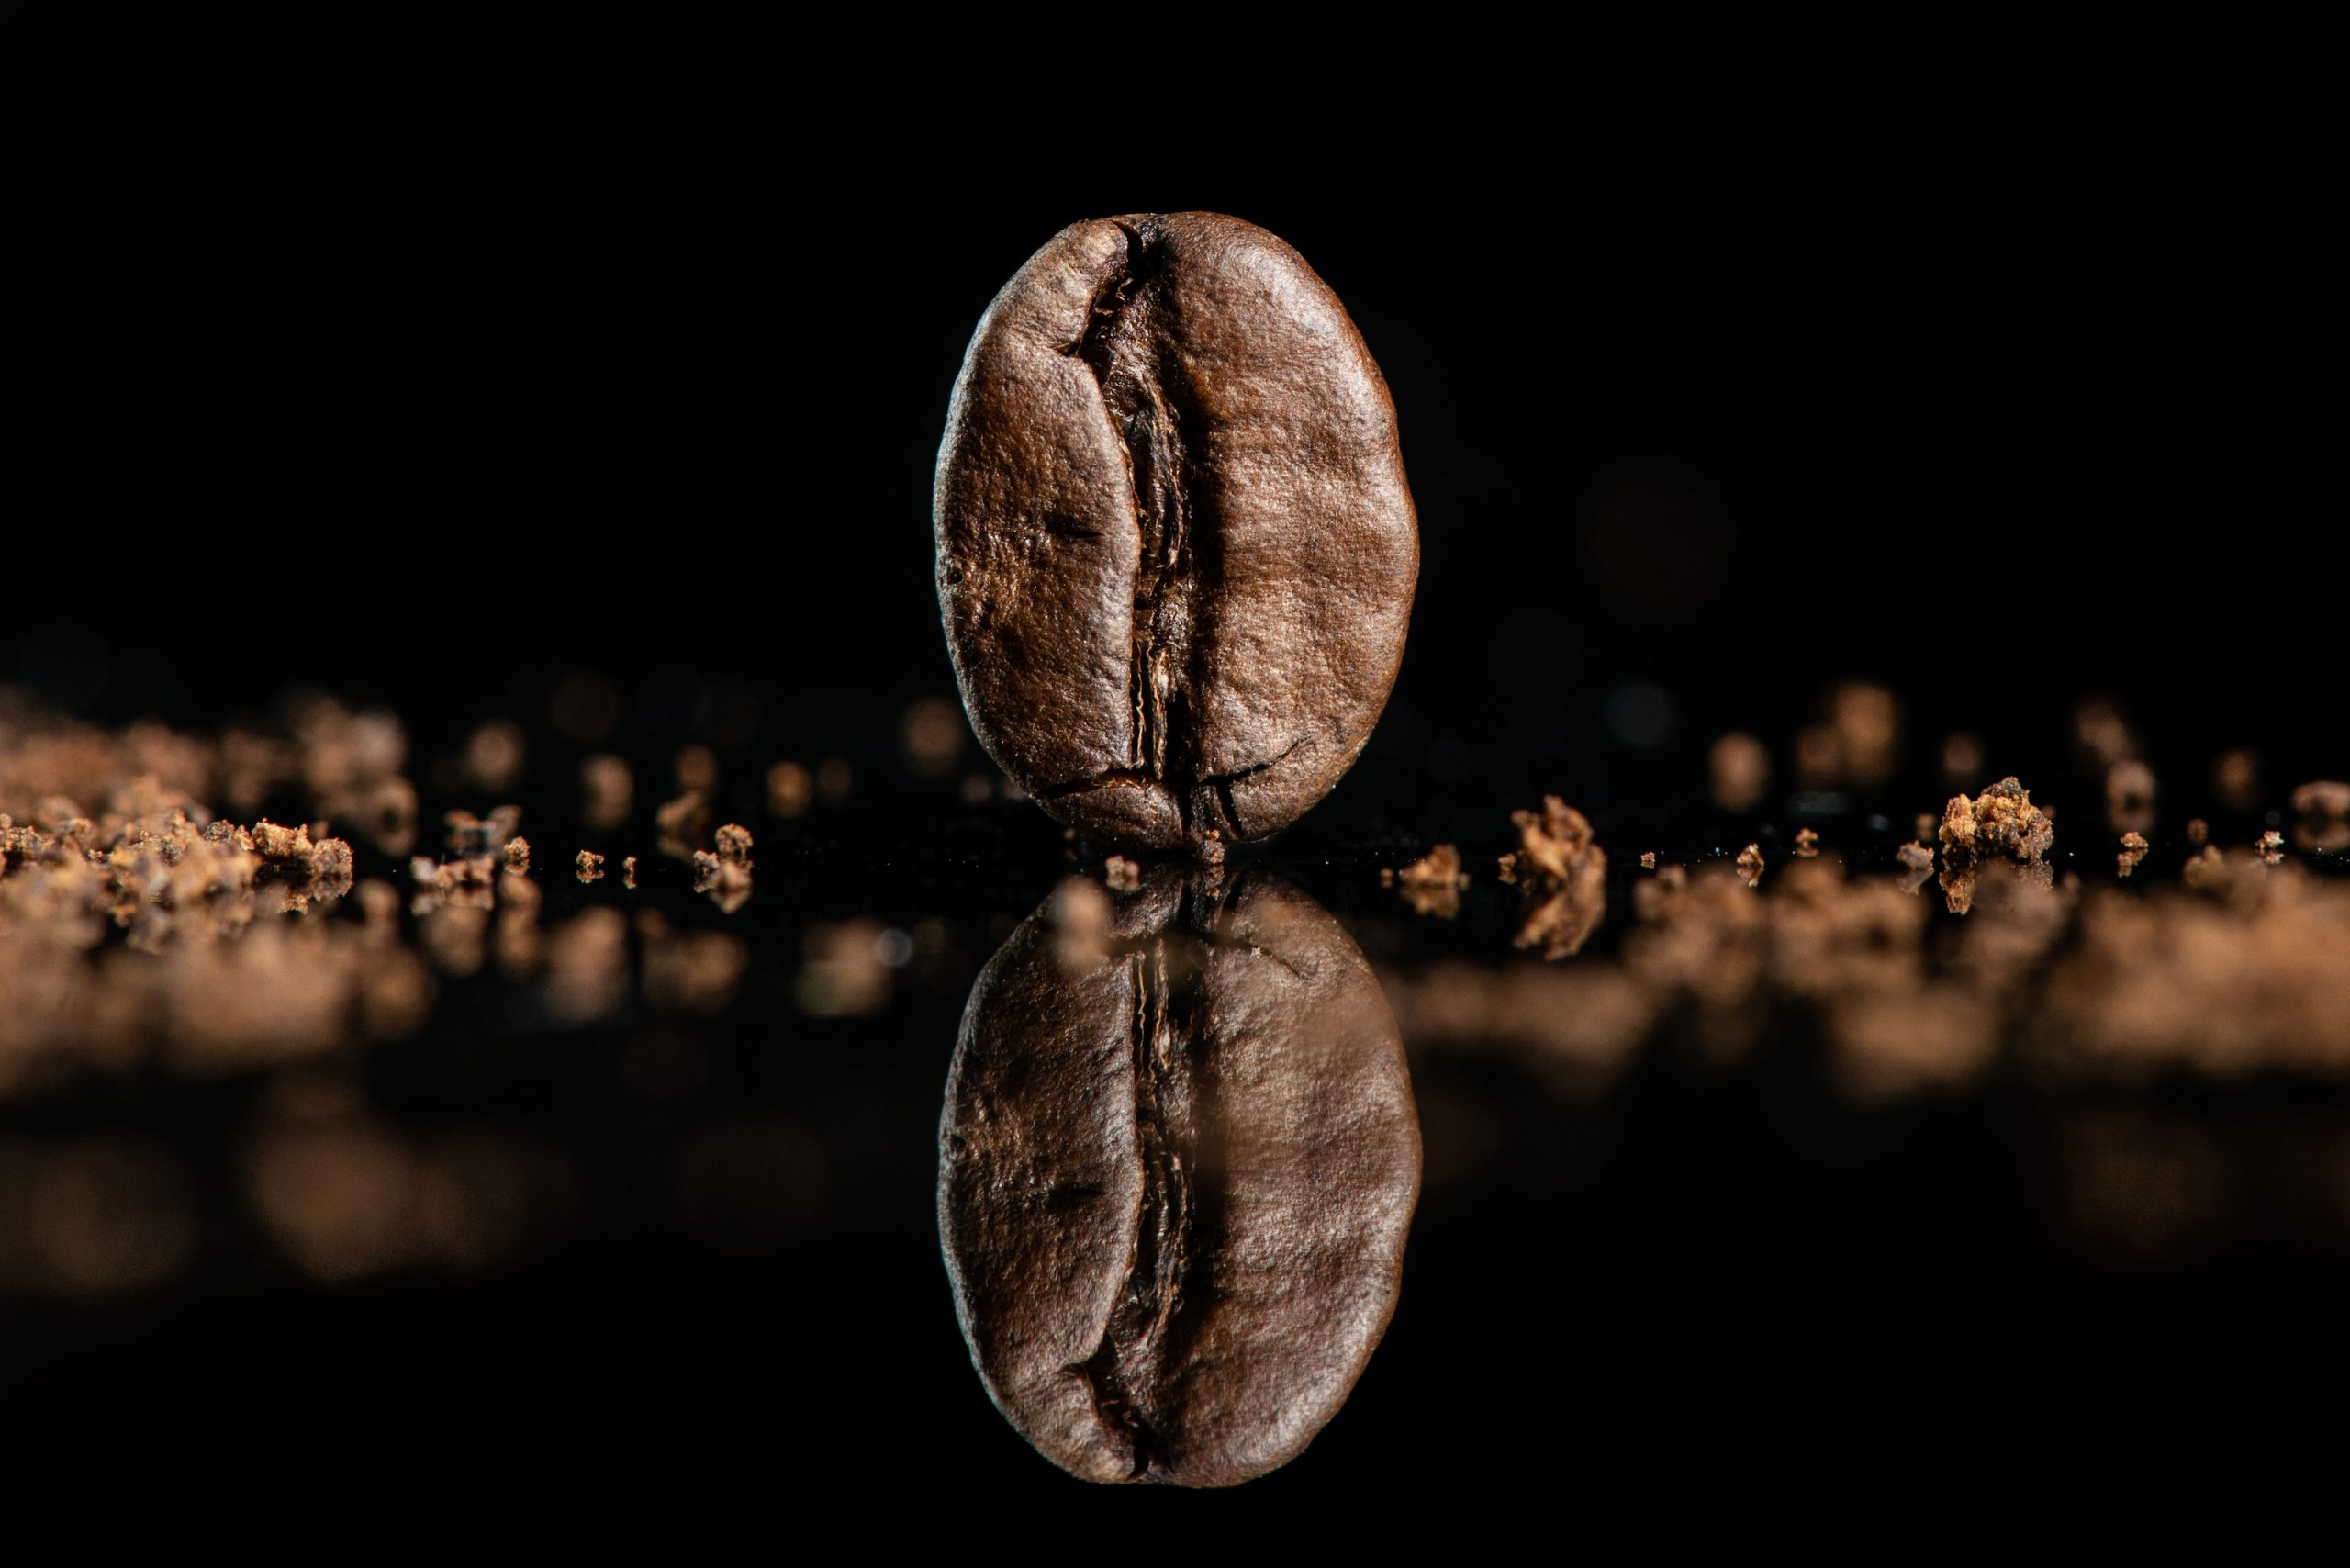 formation en entreprise, formation photo, café, produit, photographie de produit, grain, packshot, noir, brun